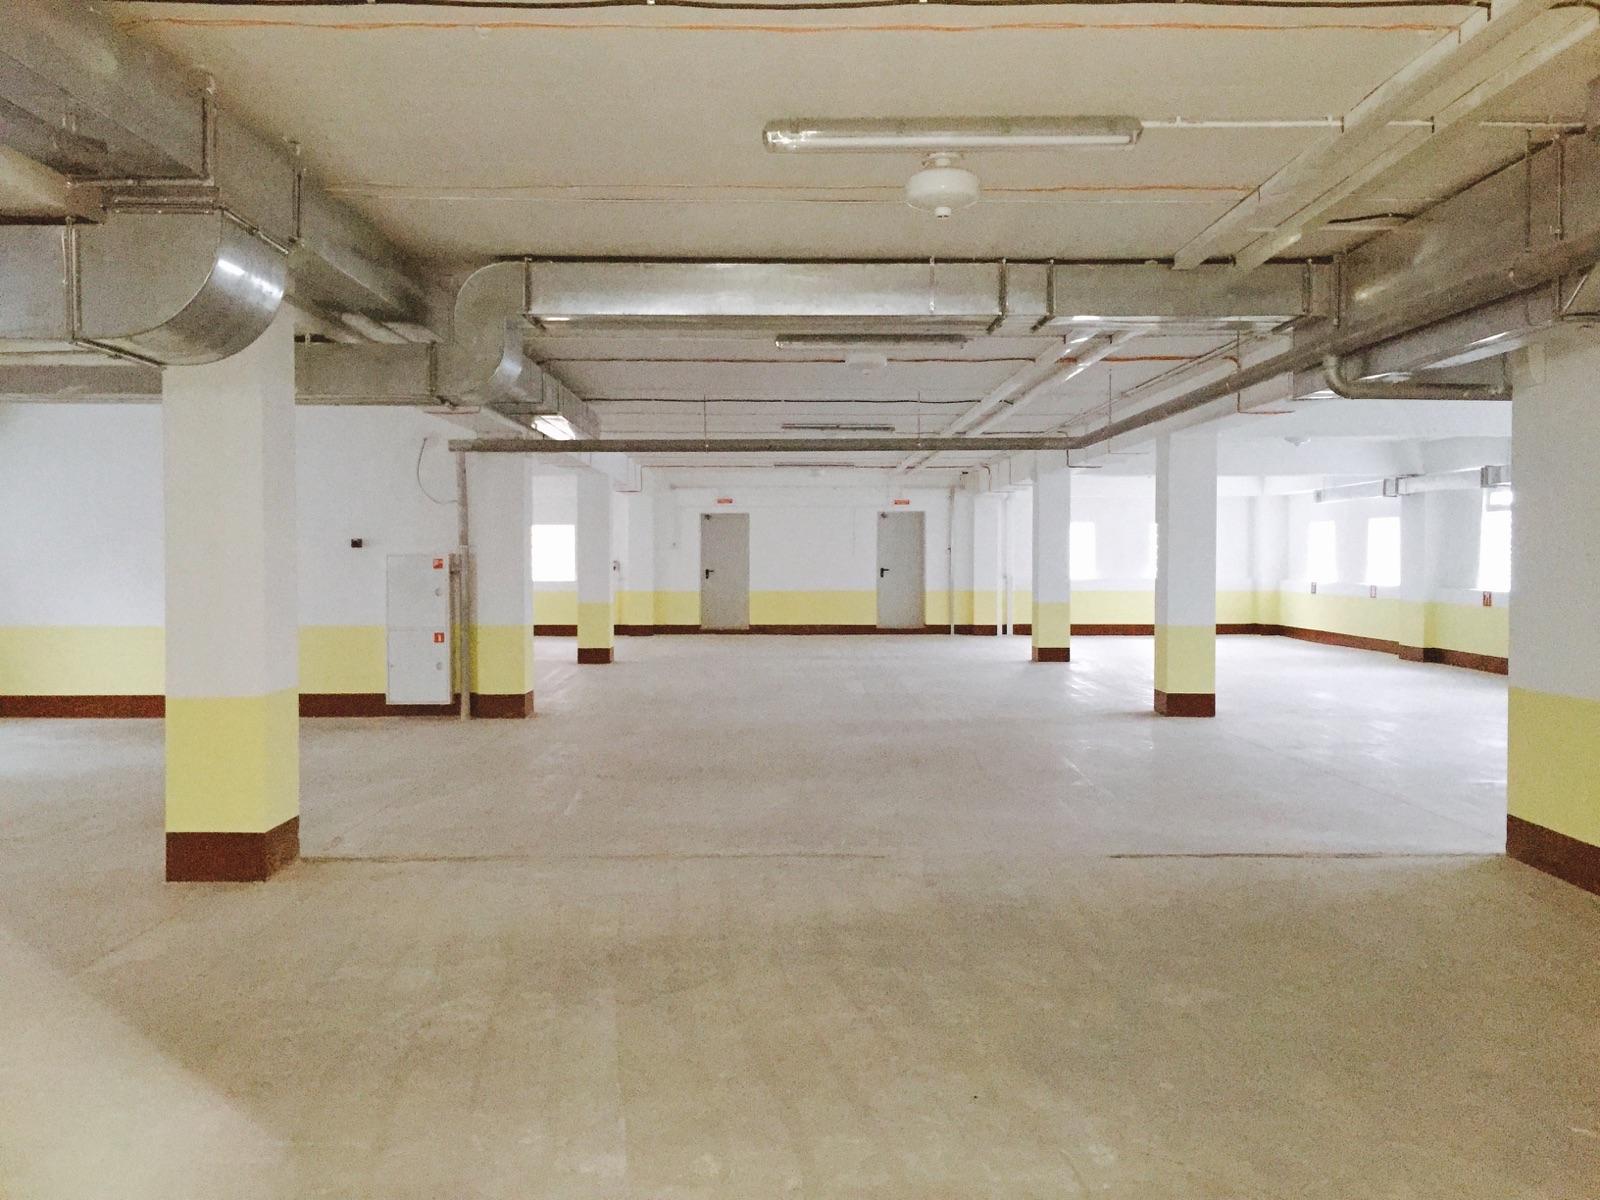 Ход строительства: Гараж-стоянка, Сентябрь 2015